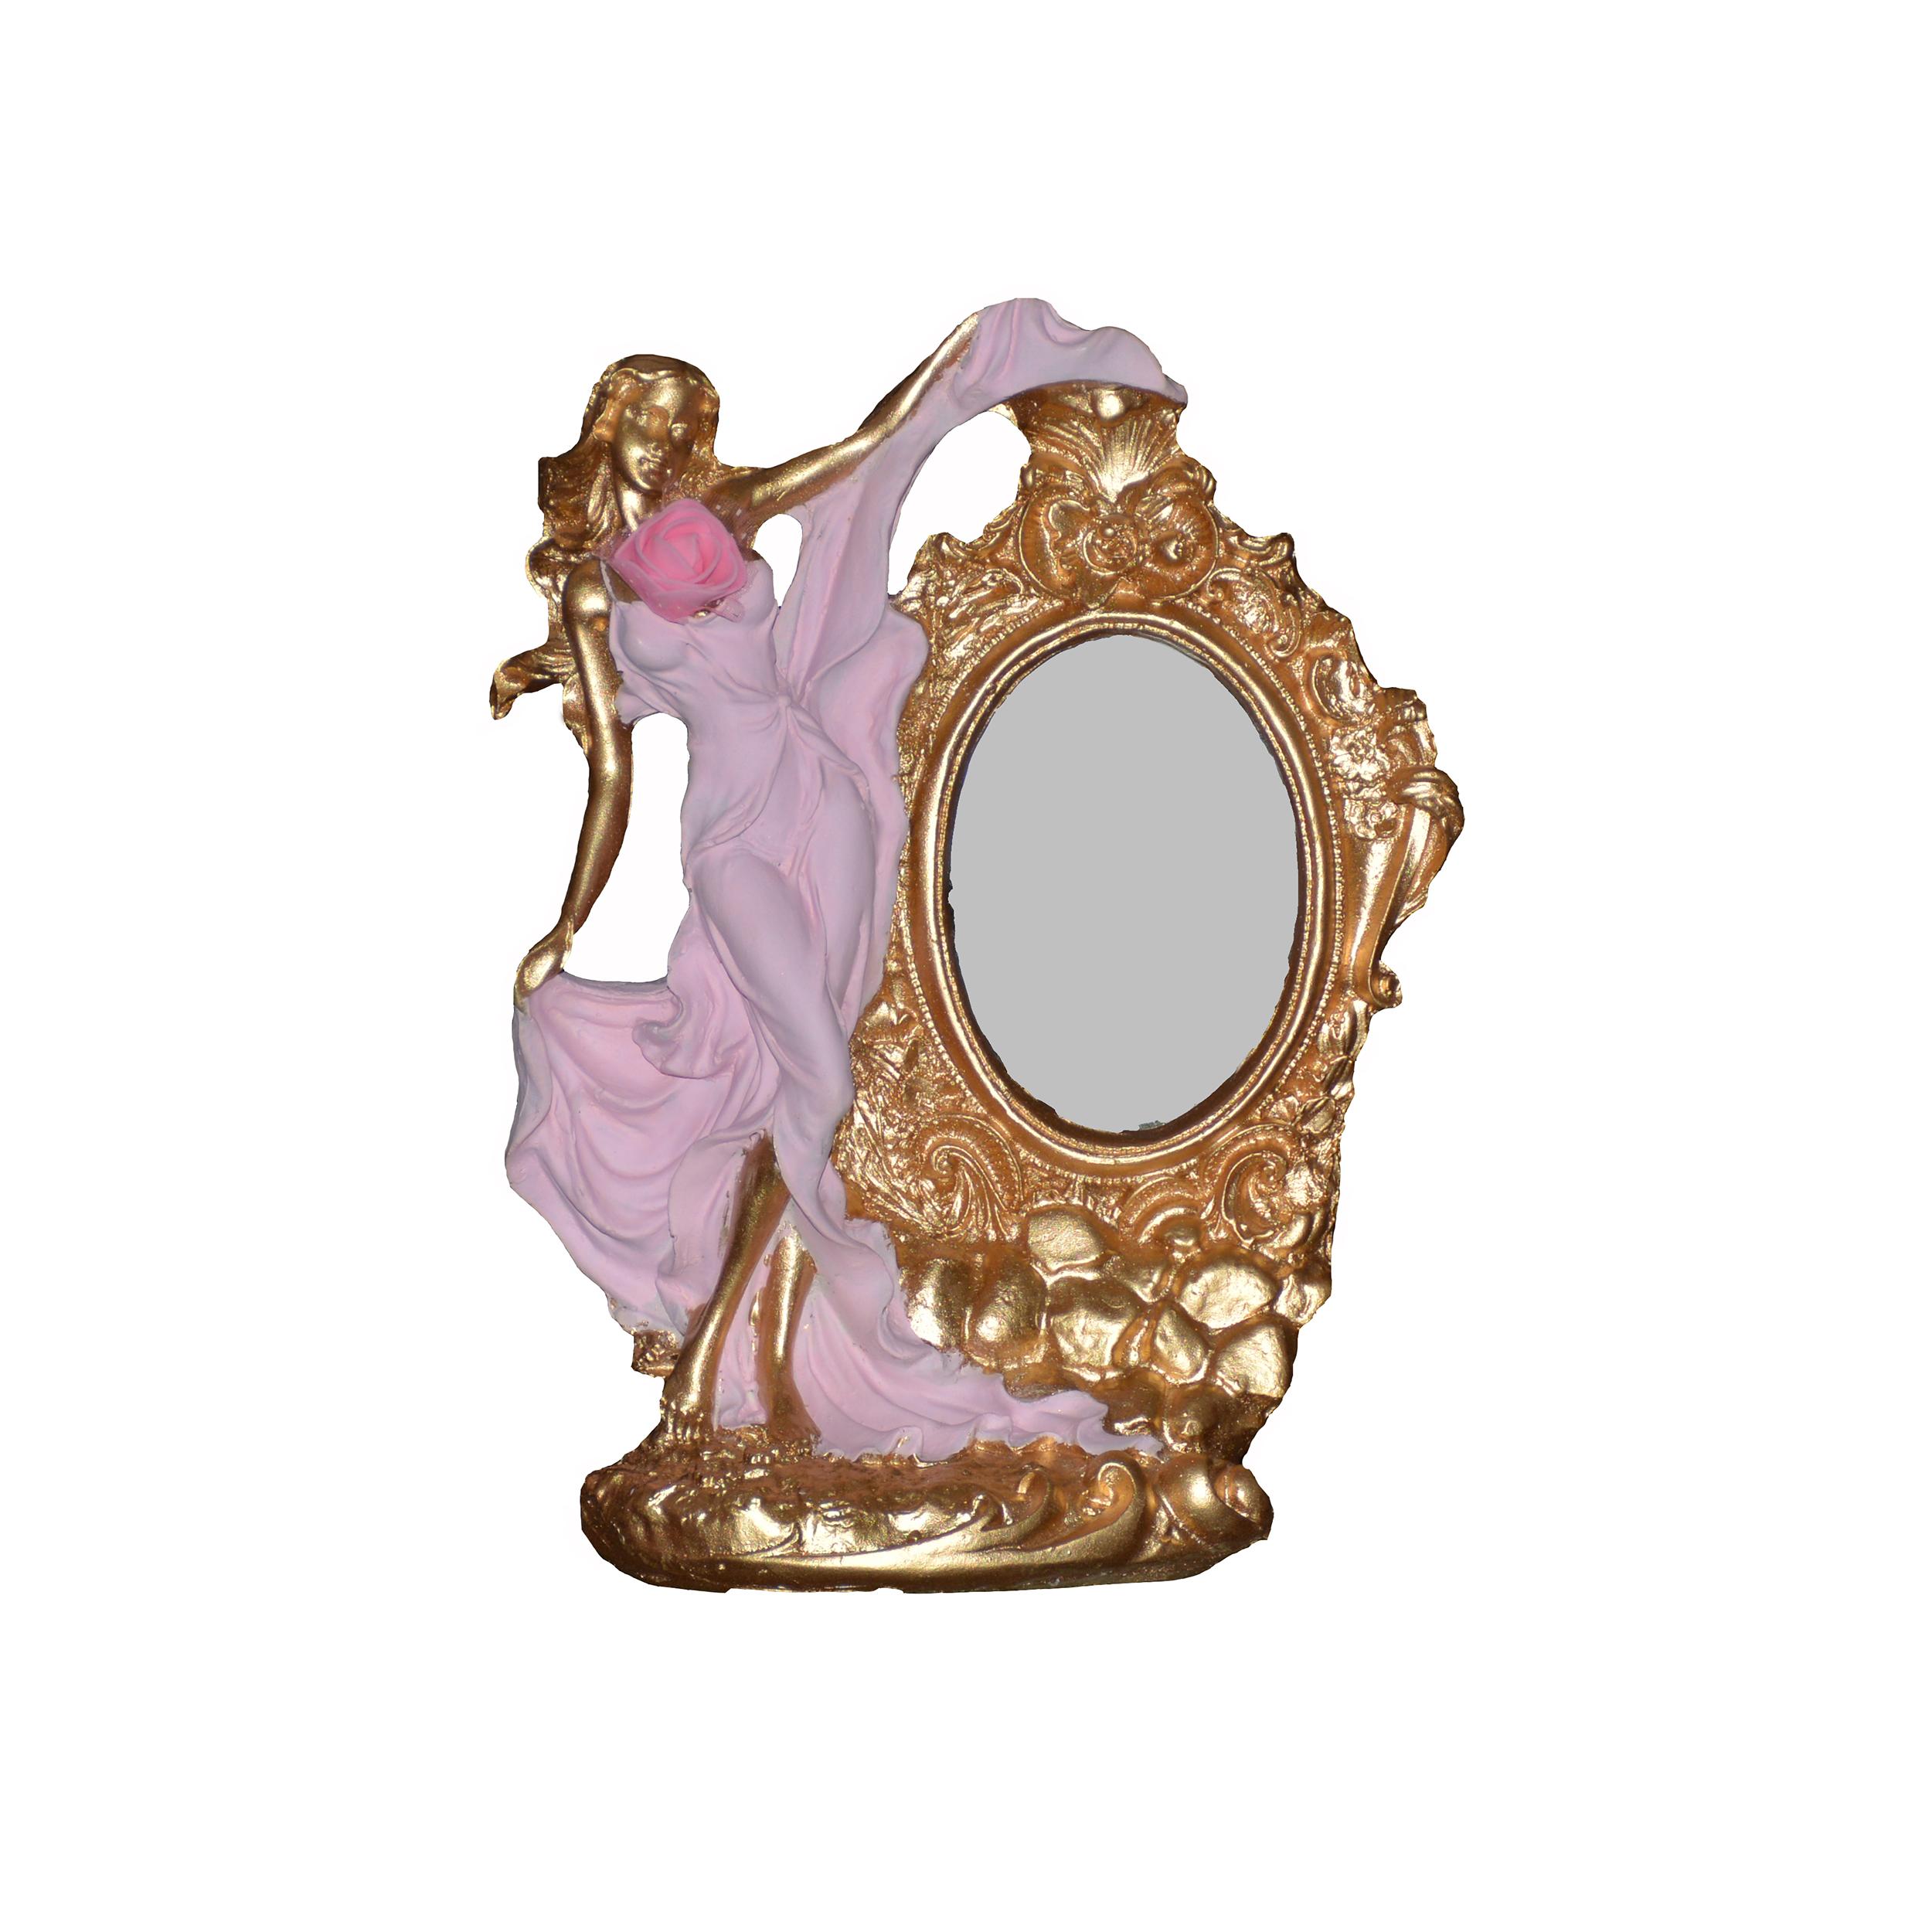 آینه رو میزی طرح شکوفه کد 1000